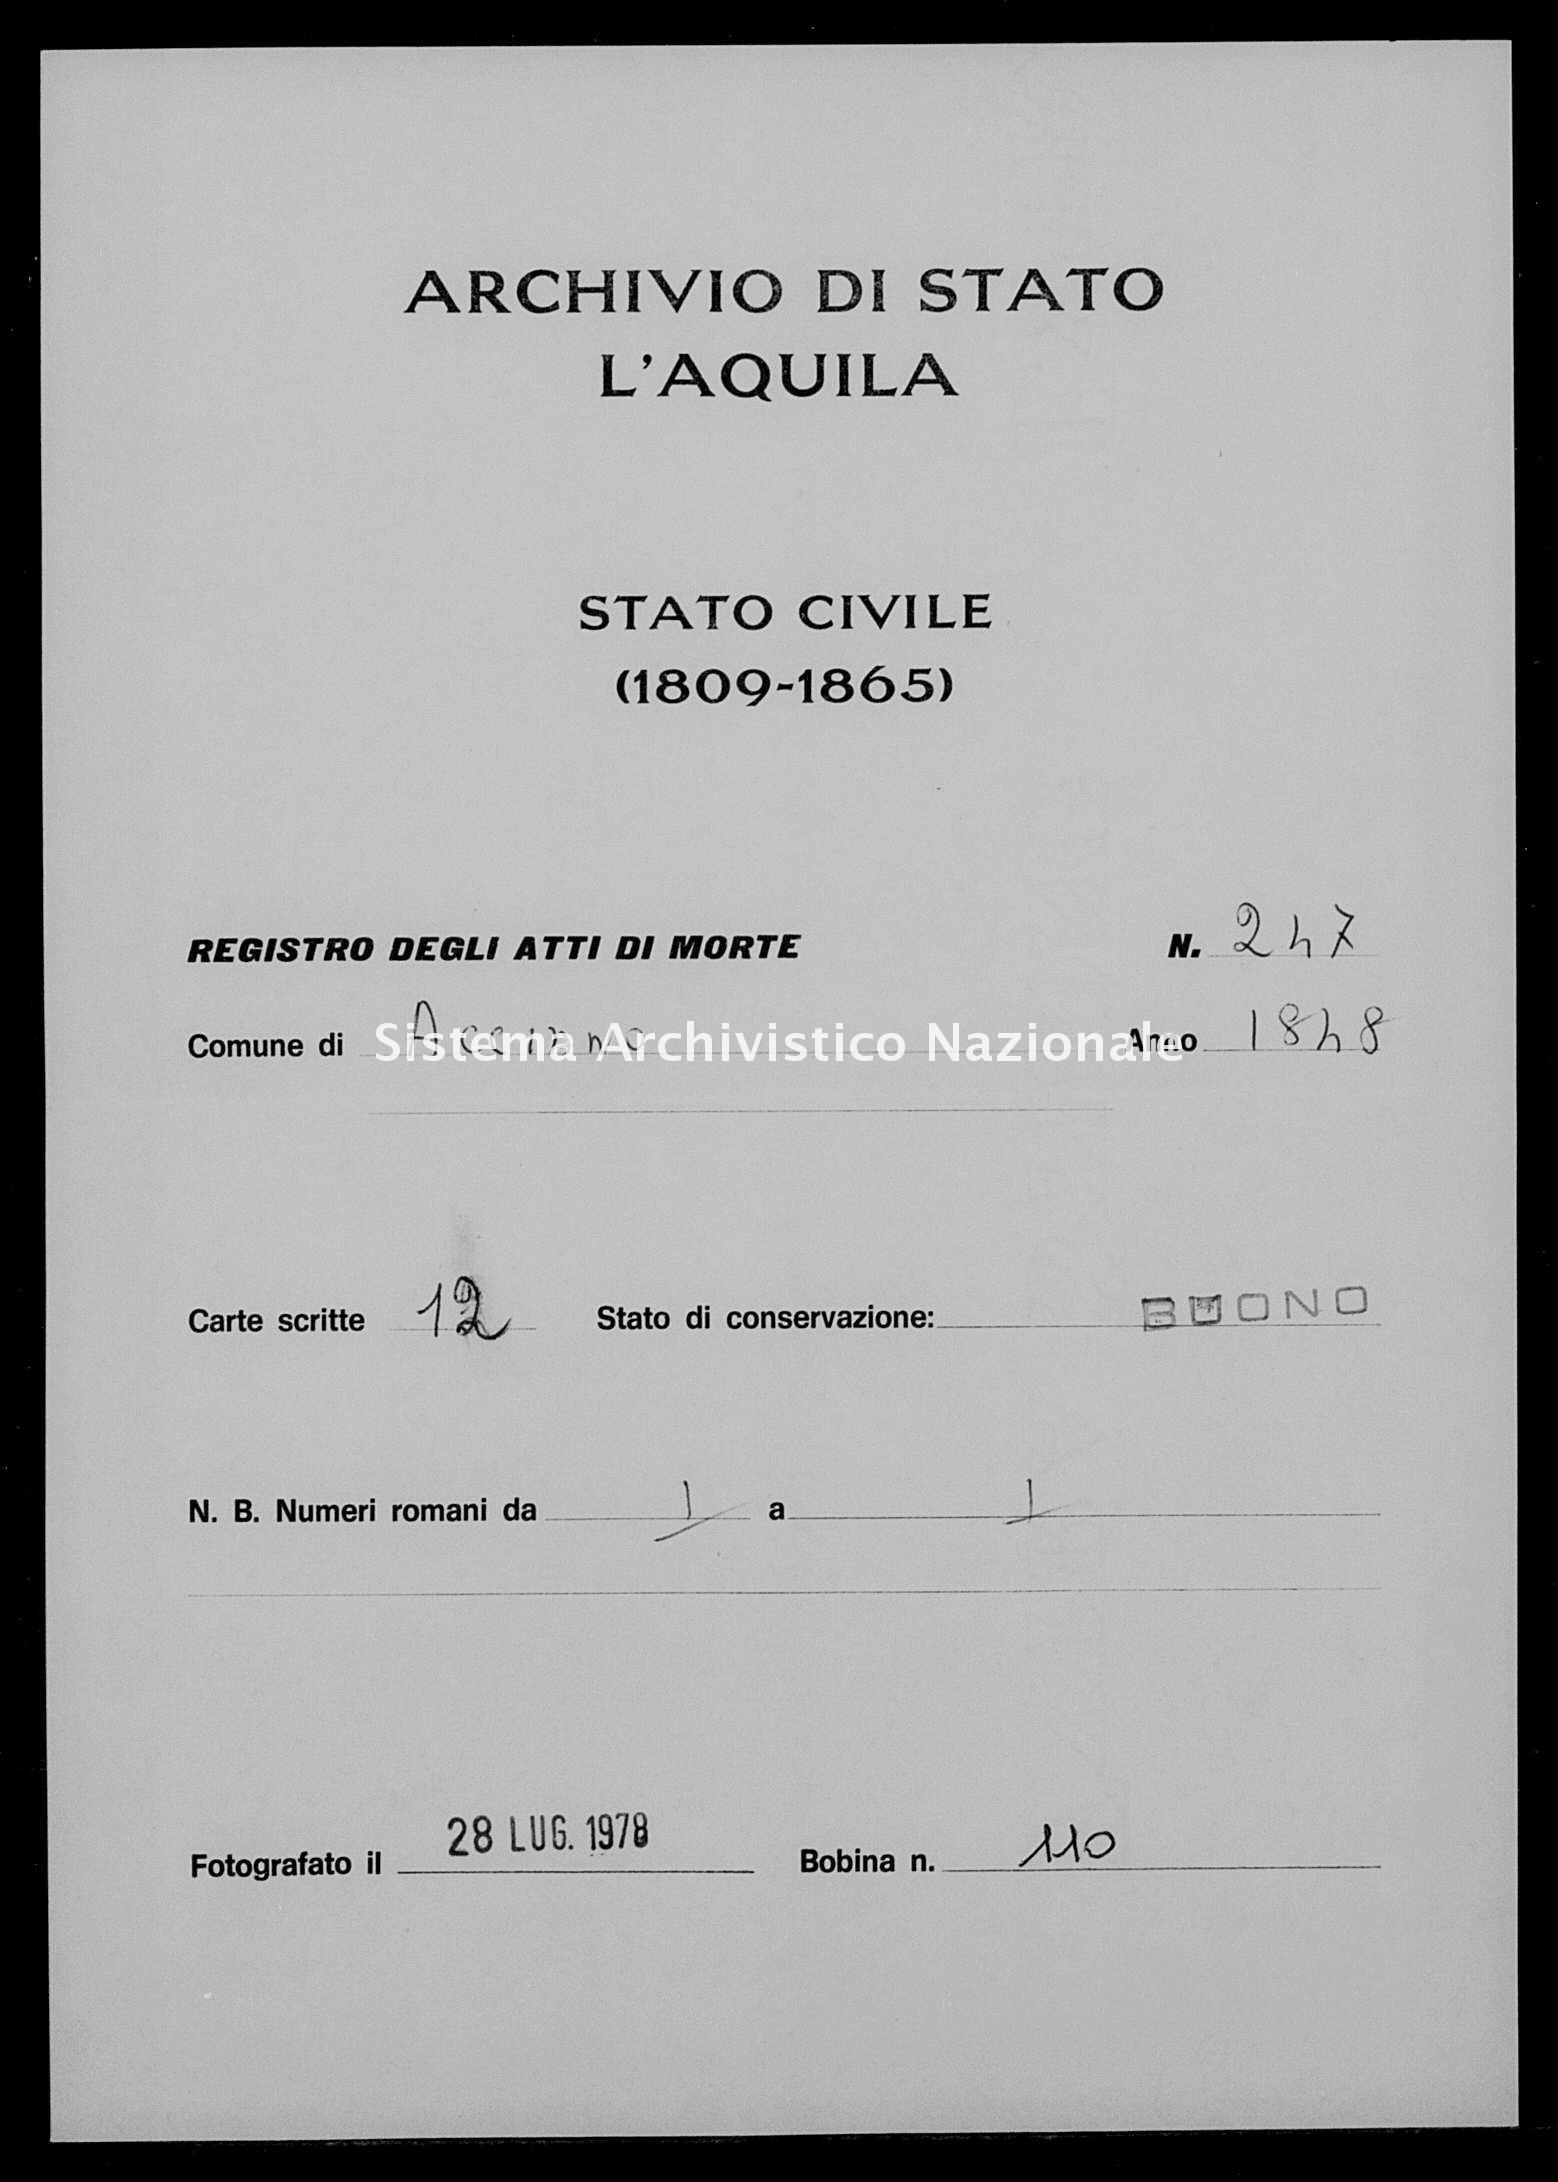 Archivio di stato di L'aquila - Stato civile della restaurazione - Acciano - Morti - 1848 - 247 -